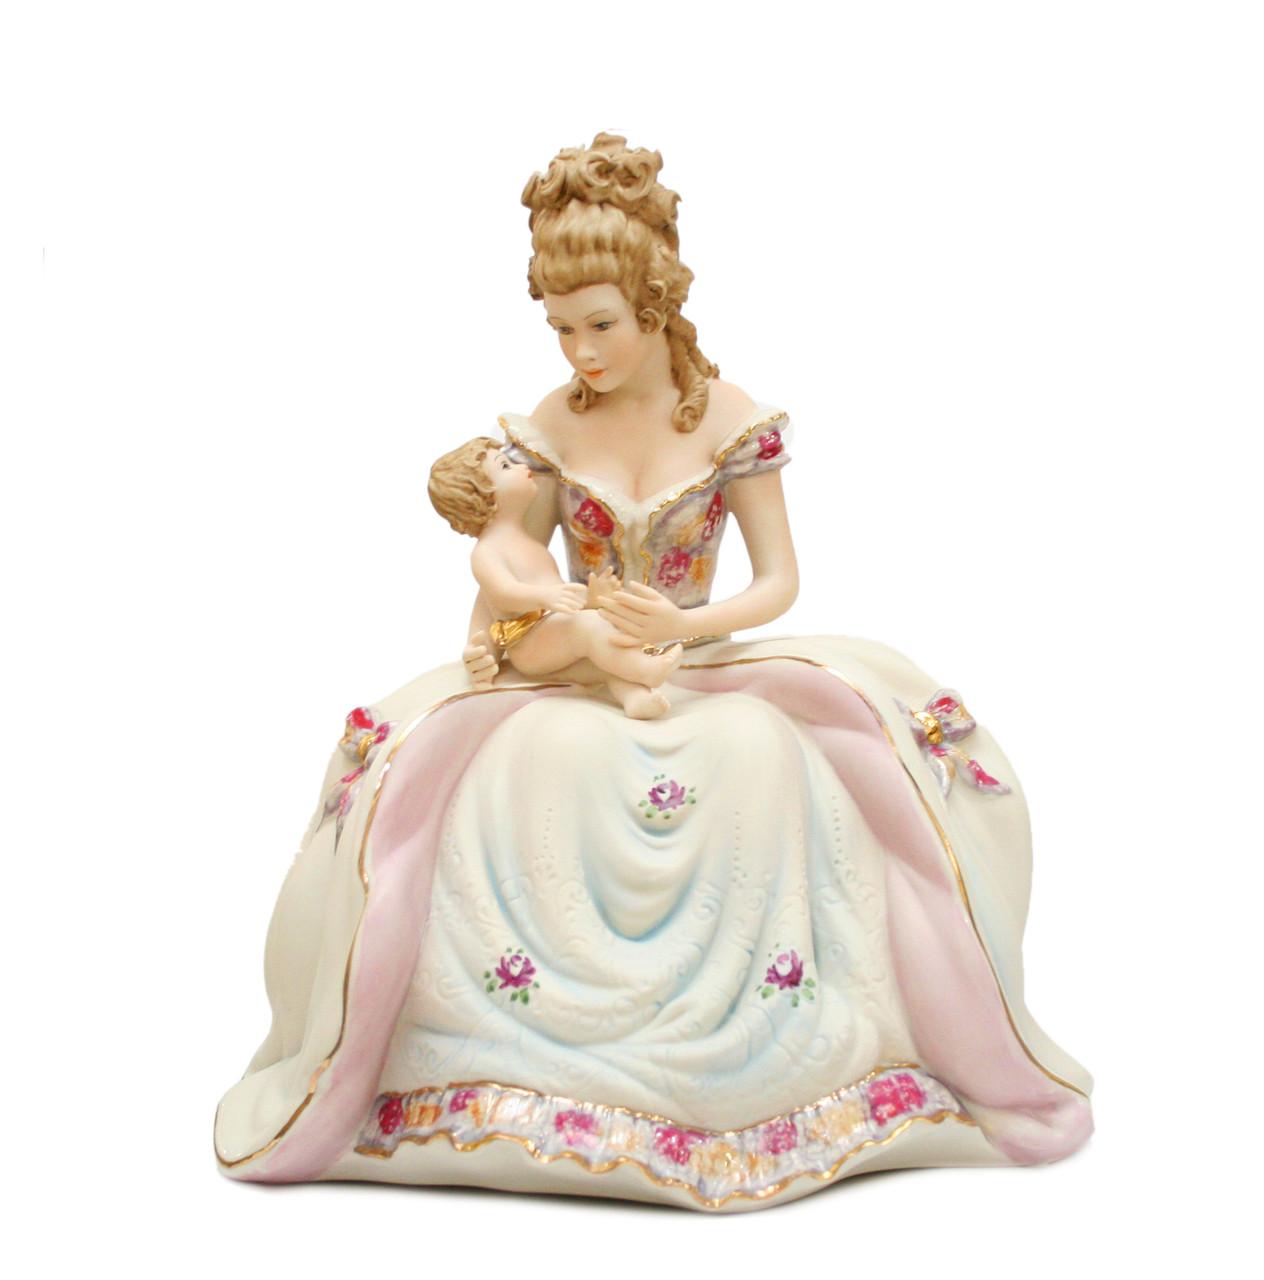 Фарфоровая статуэтка Материнство. Италия, ручная работа